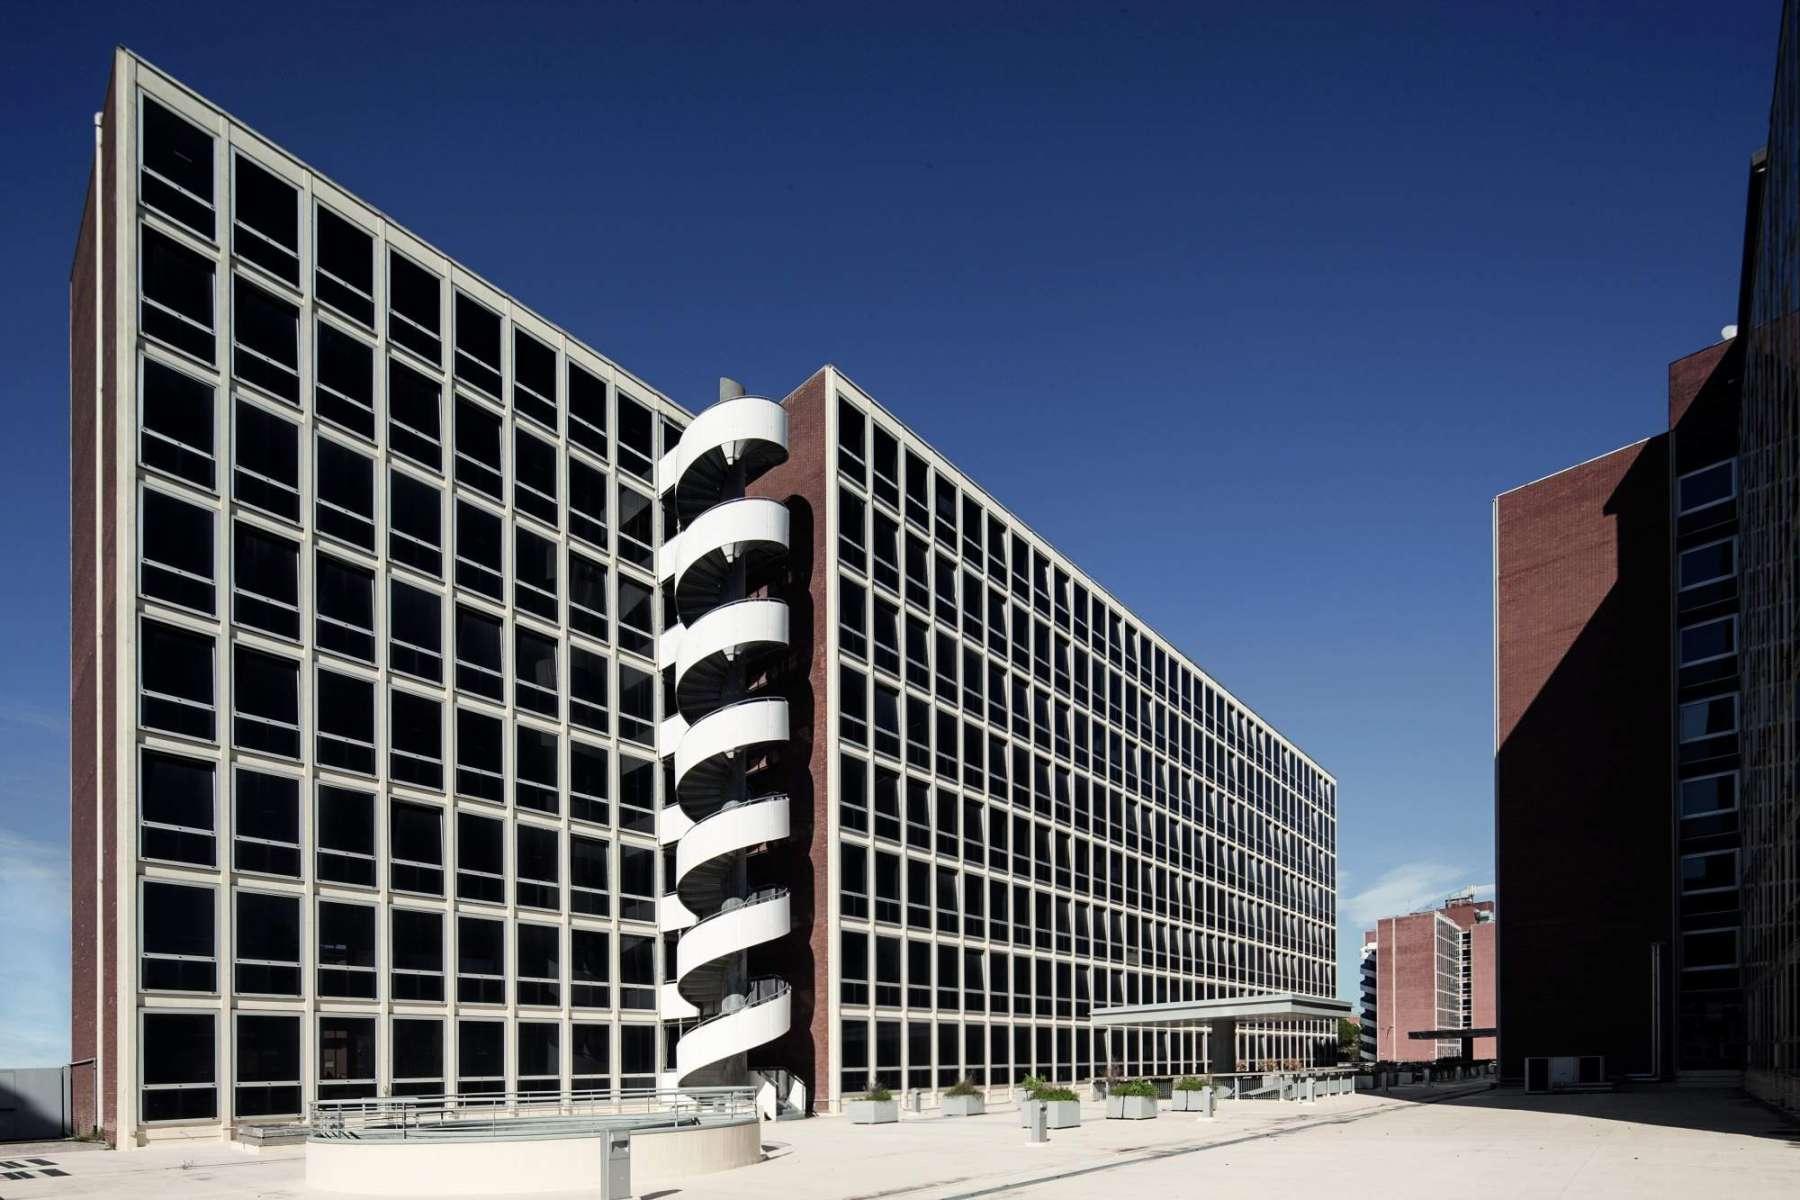 Giorgione directional center uffici immobili per in for Centro uffici roma